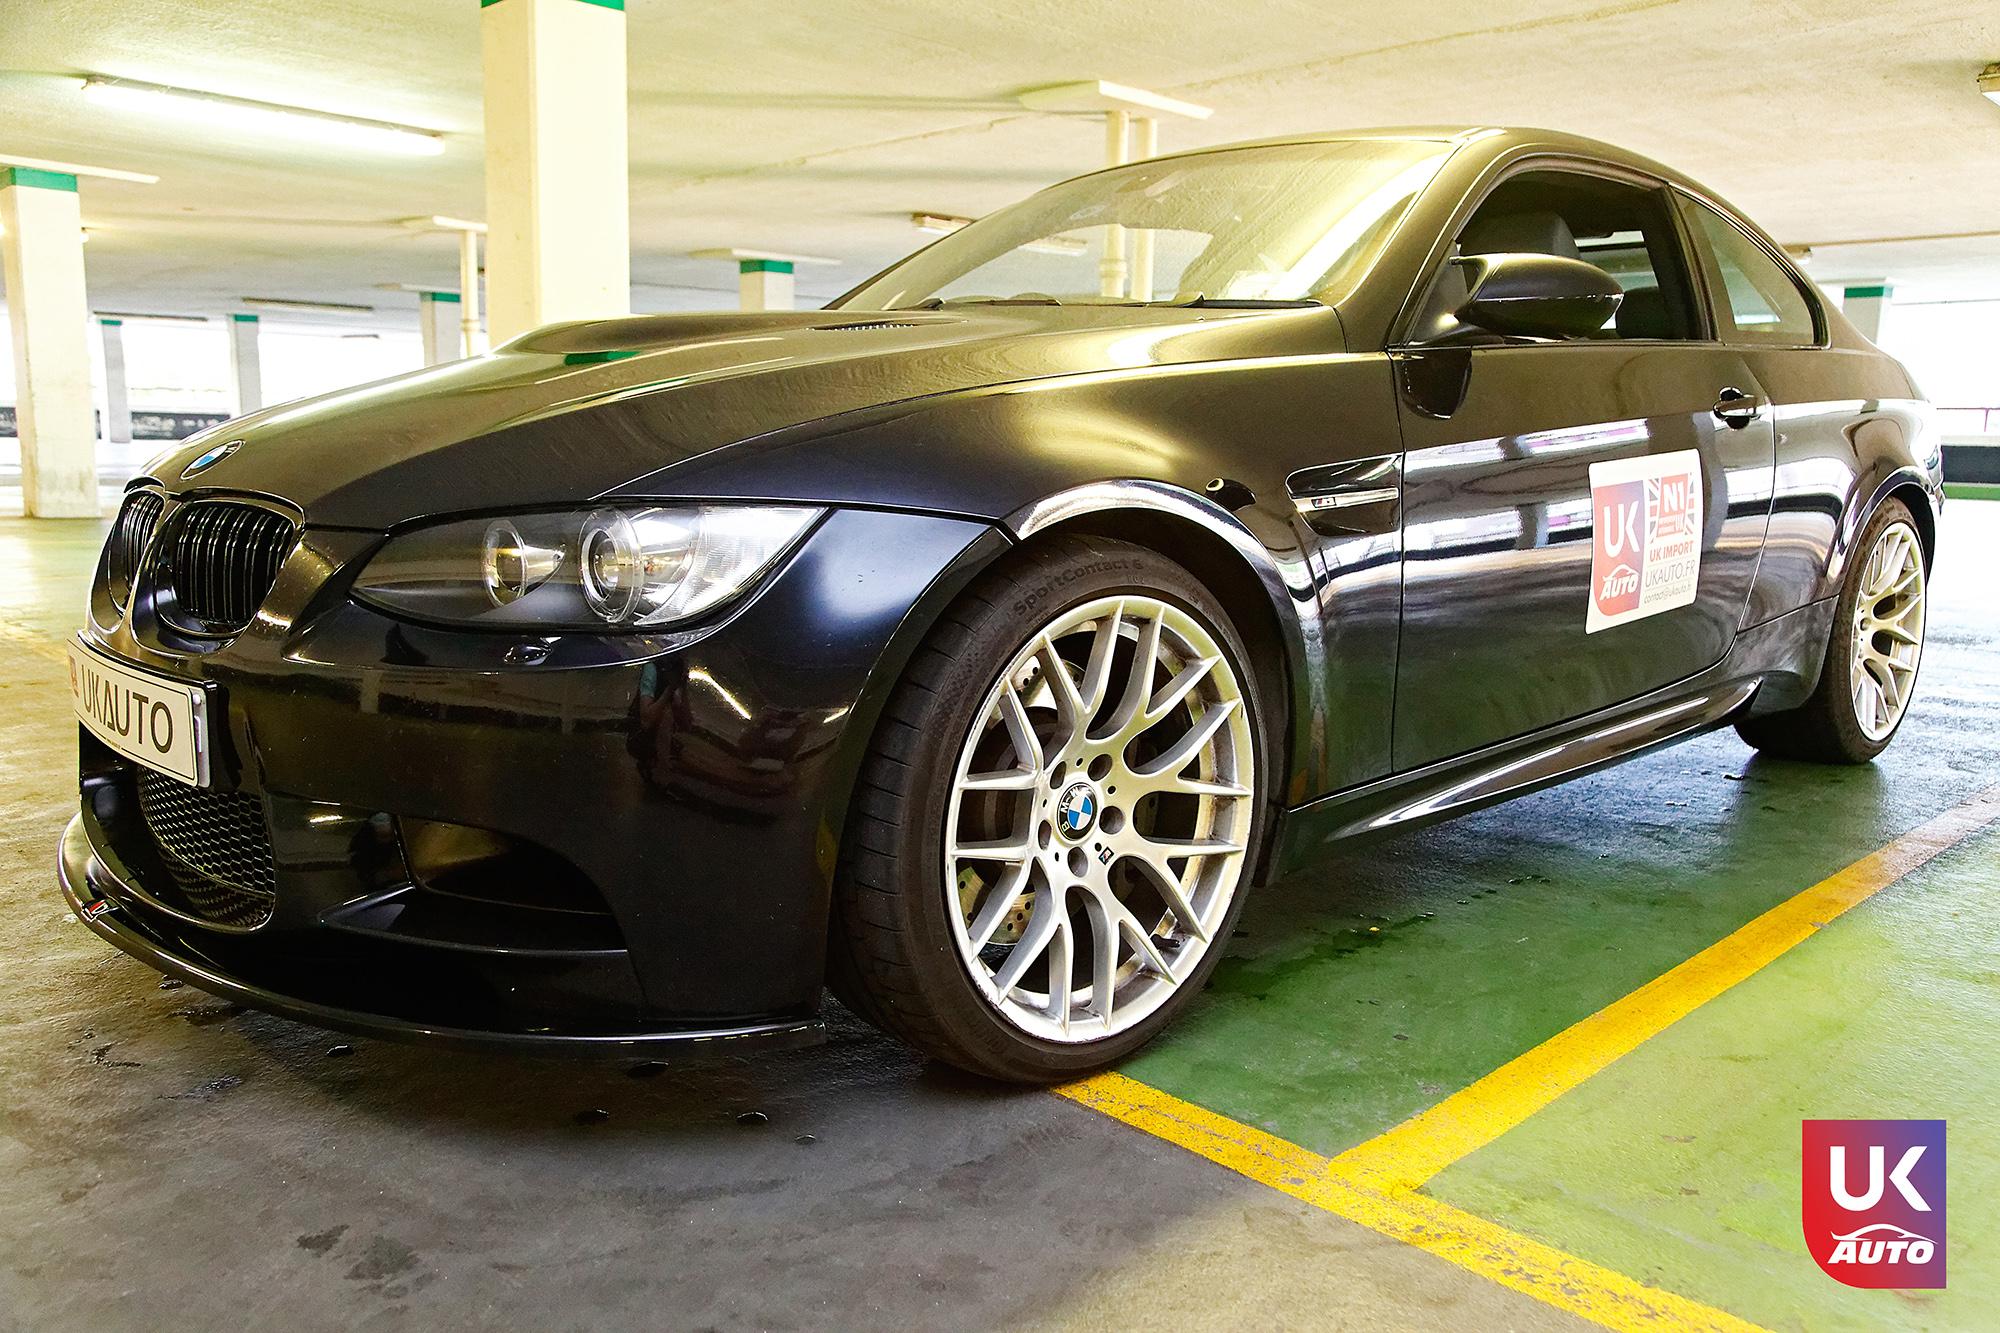 BMW m3 rhd ukauto importer voiture angleterre uk4 - Felecitation a Sylvain Pour cette BMW M3 E92 RHD pour avoir acheter une voiture en angleterre avant le brexit